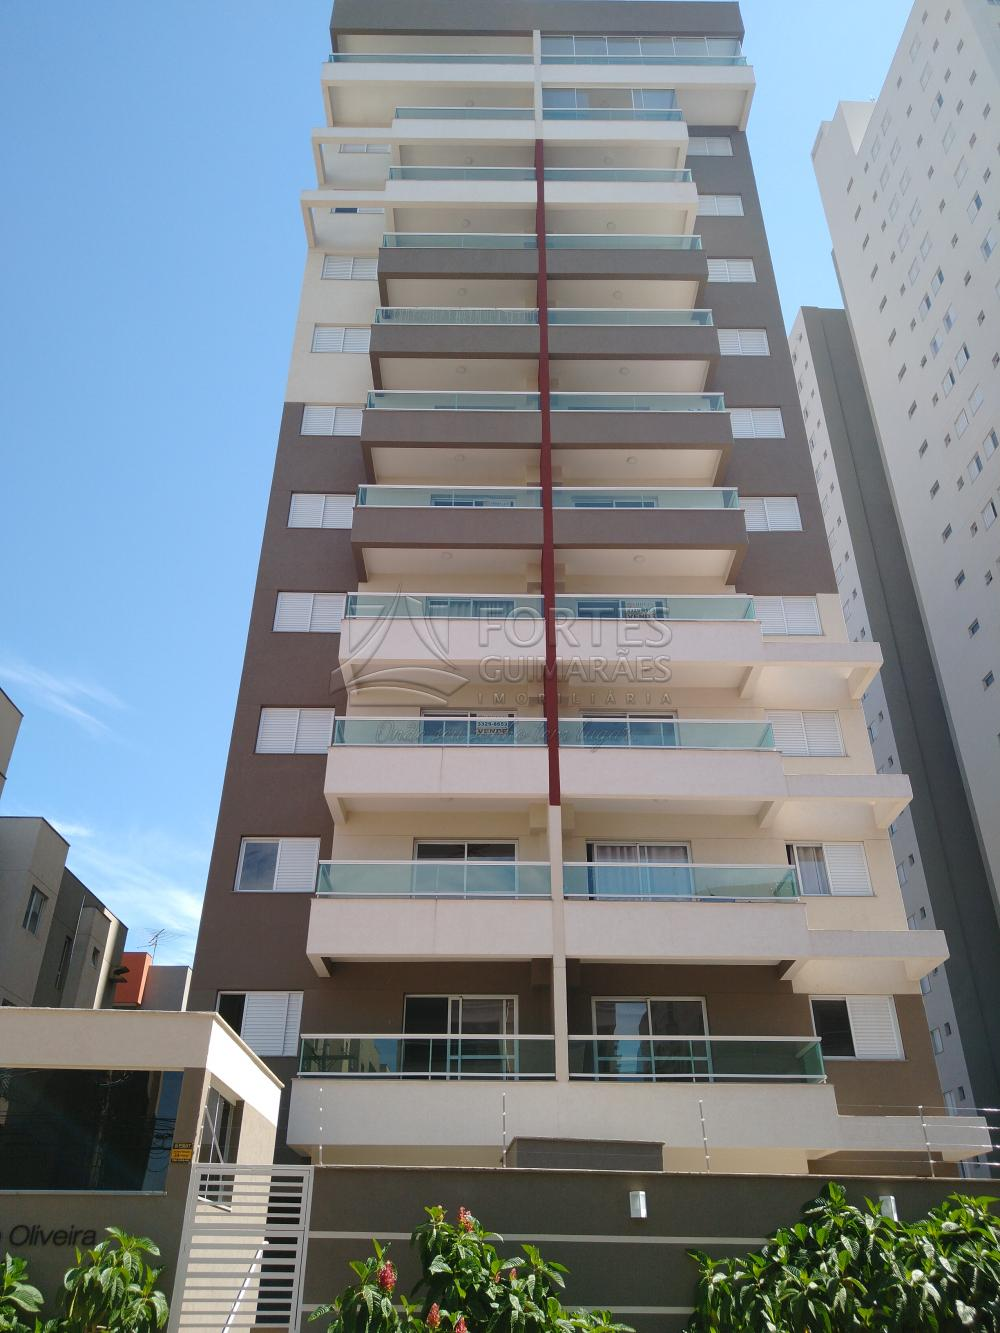 Alugar Apartamentos / Padrão em Ribeirão Preto apenas R$ 1.000,00 - Foto 1